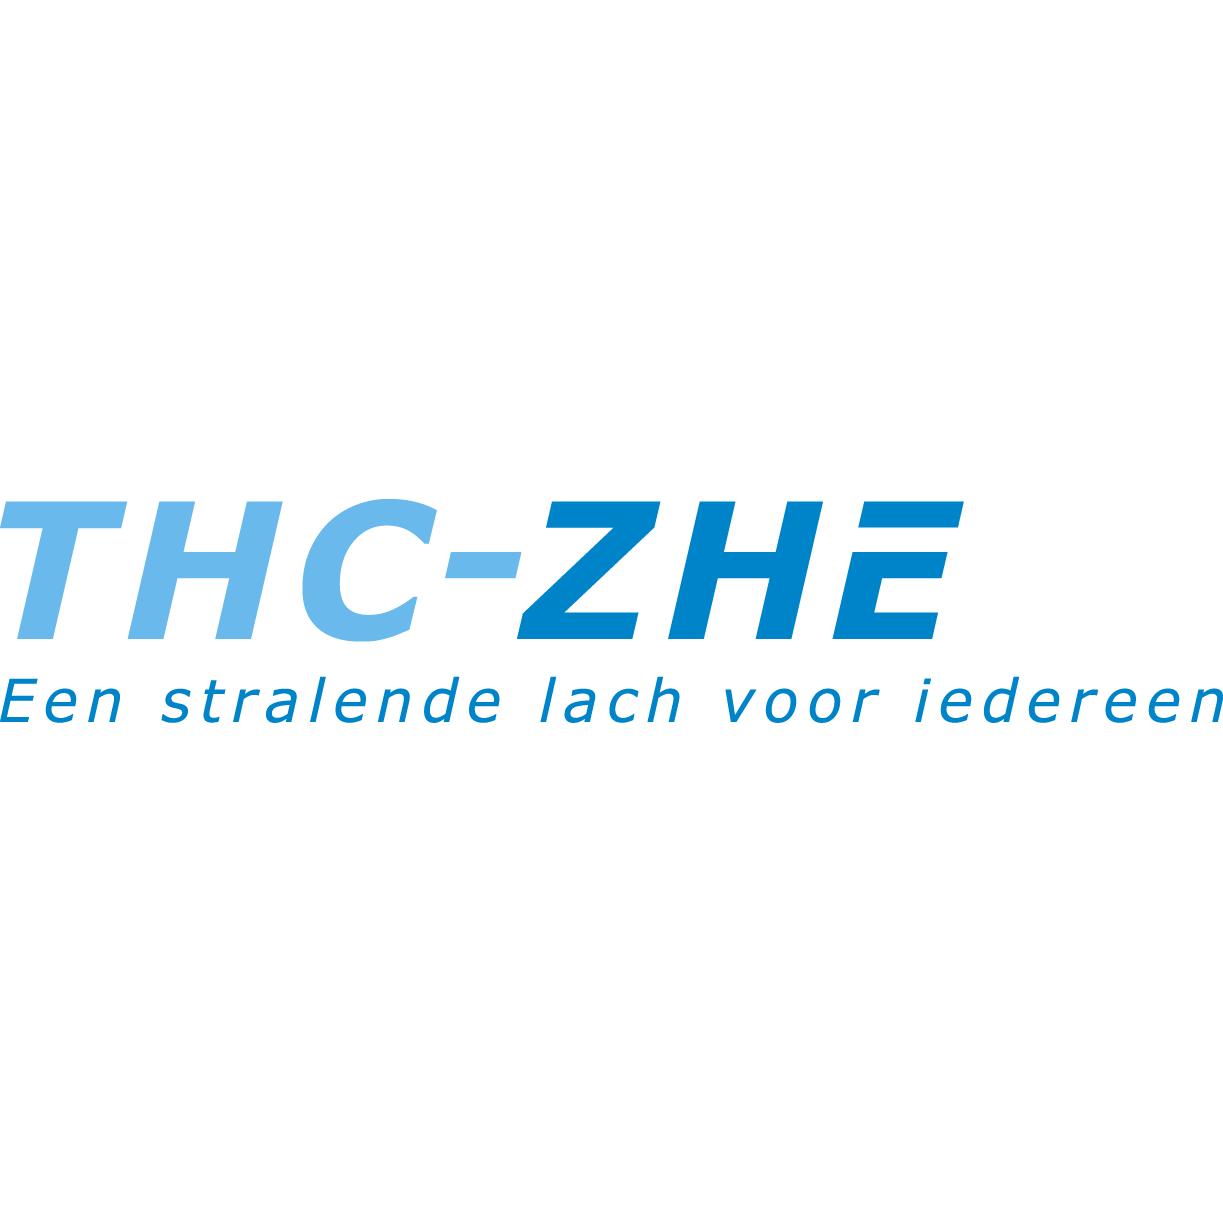 Tandheelkundig Centrum Zuid-Hollandse Eilanden (Spijkenisse)